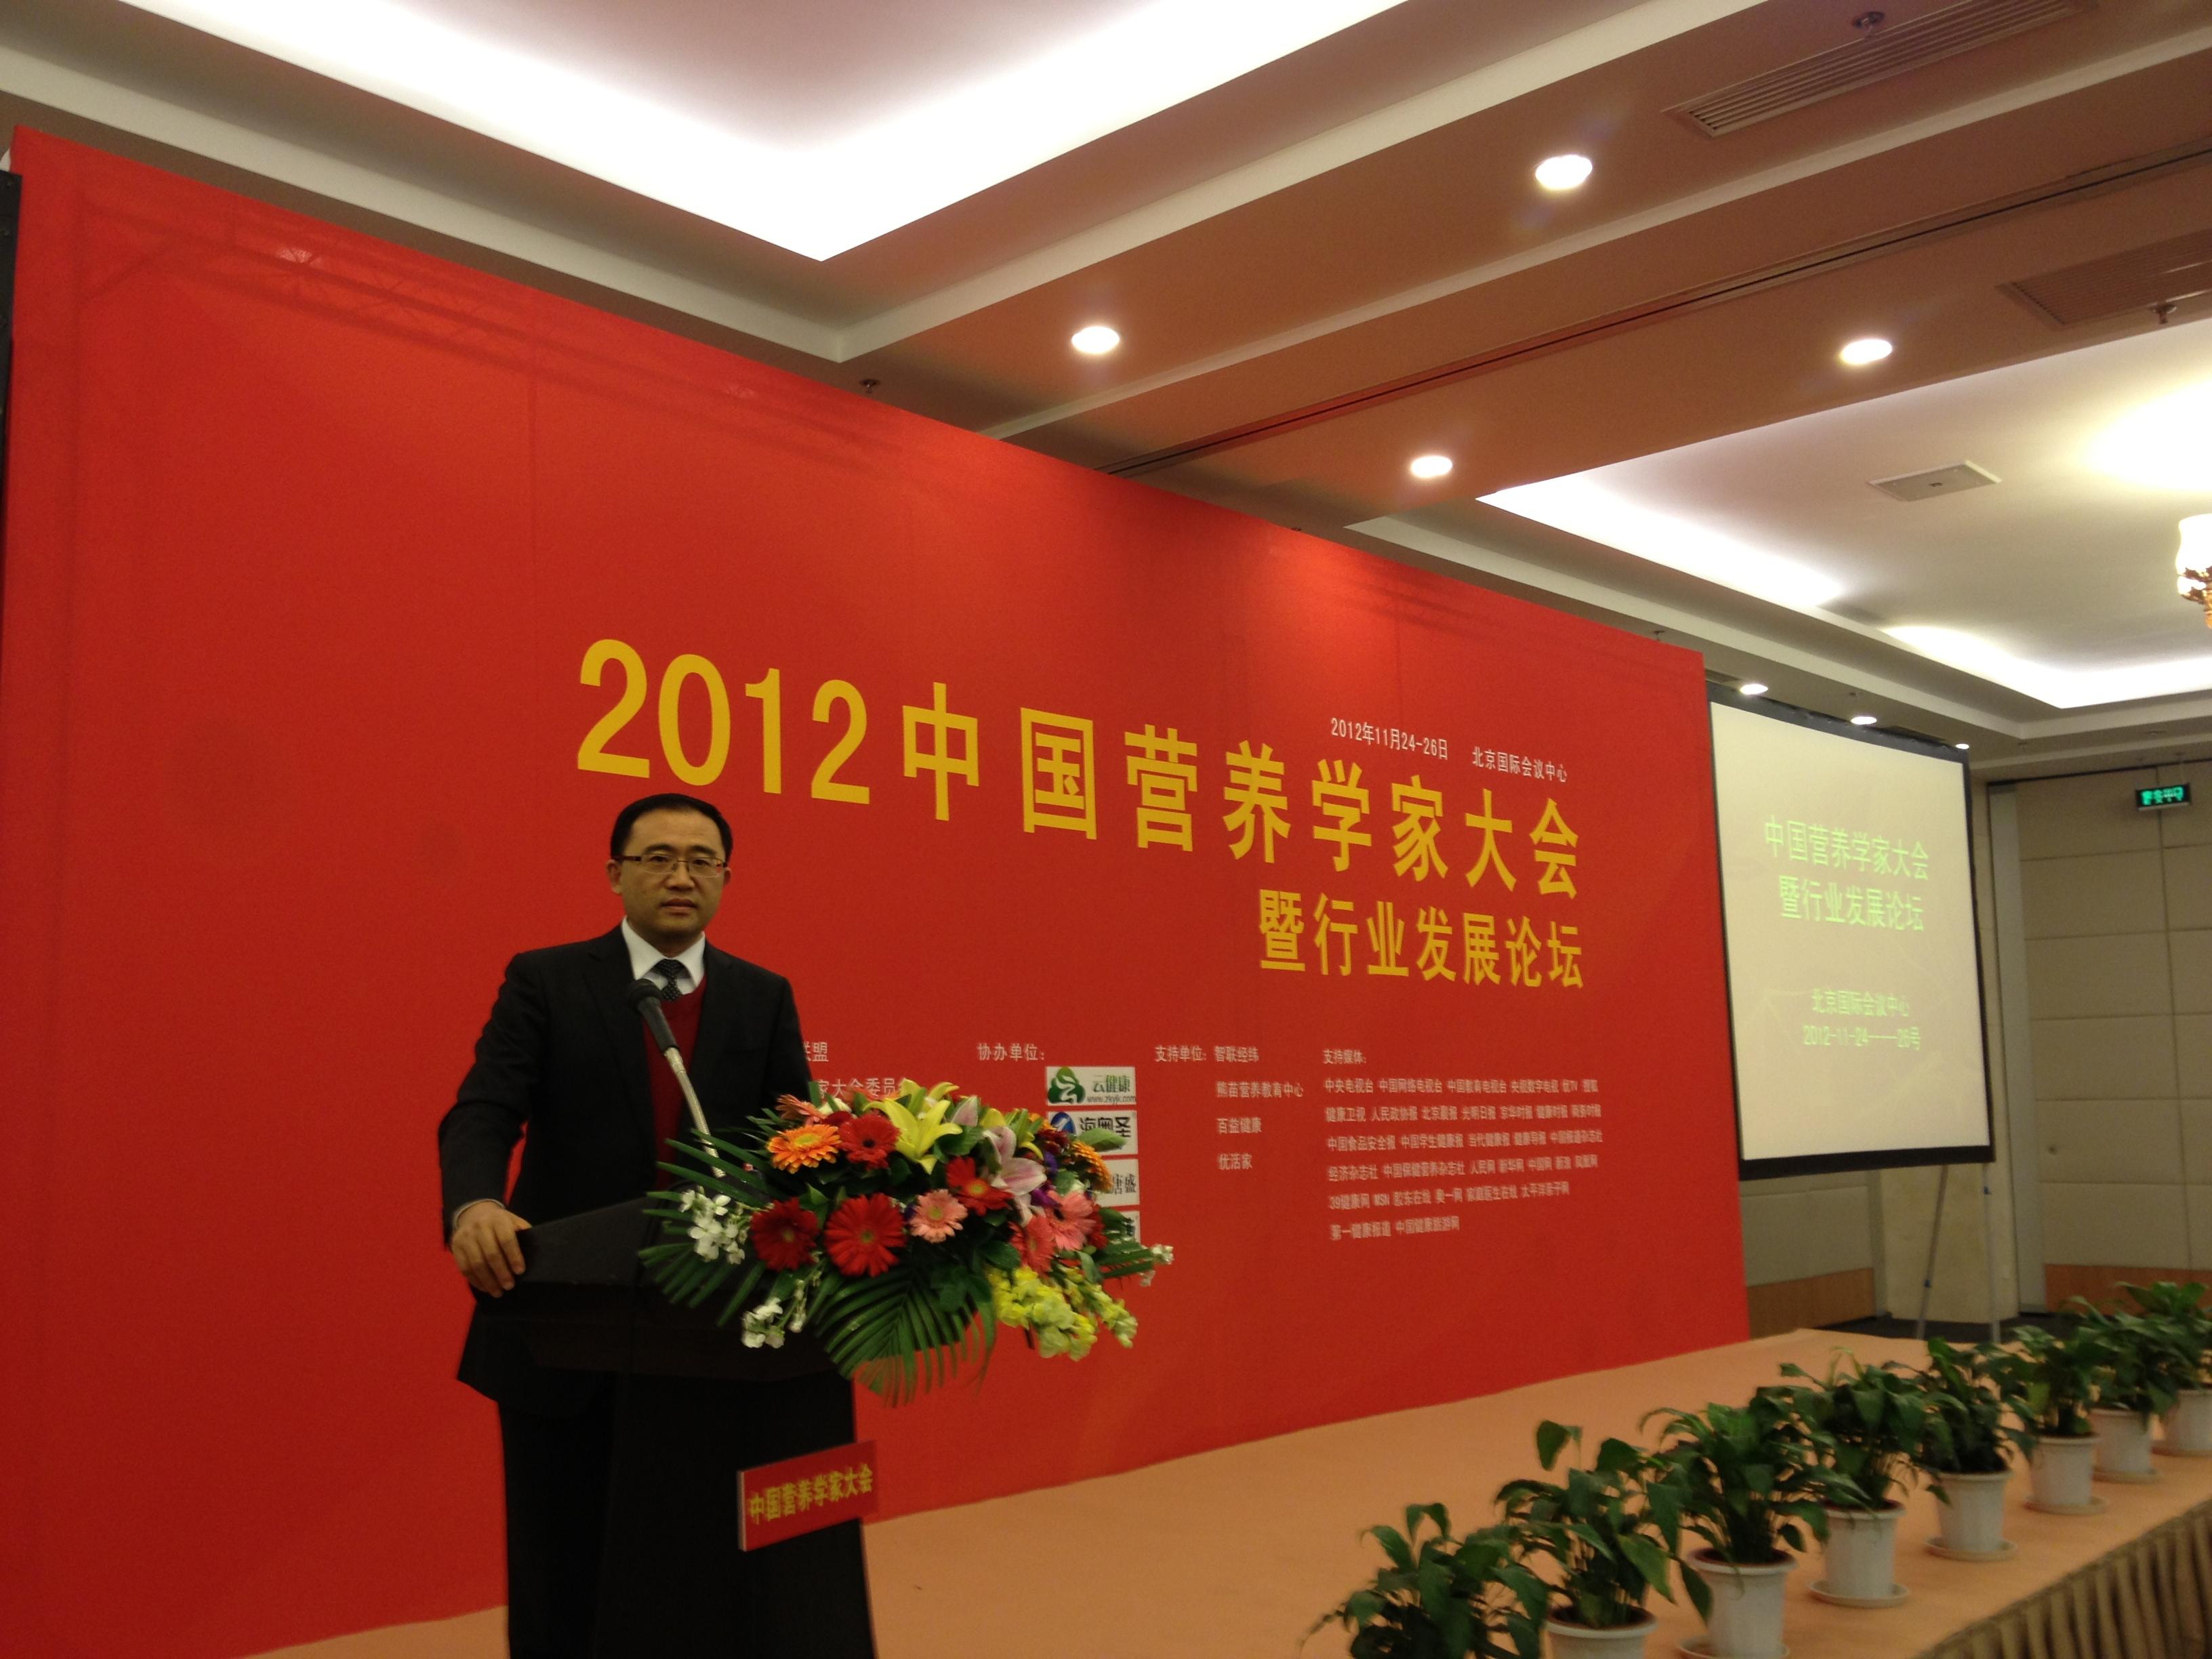 广东省正规可靠营养师培训机构